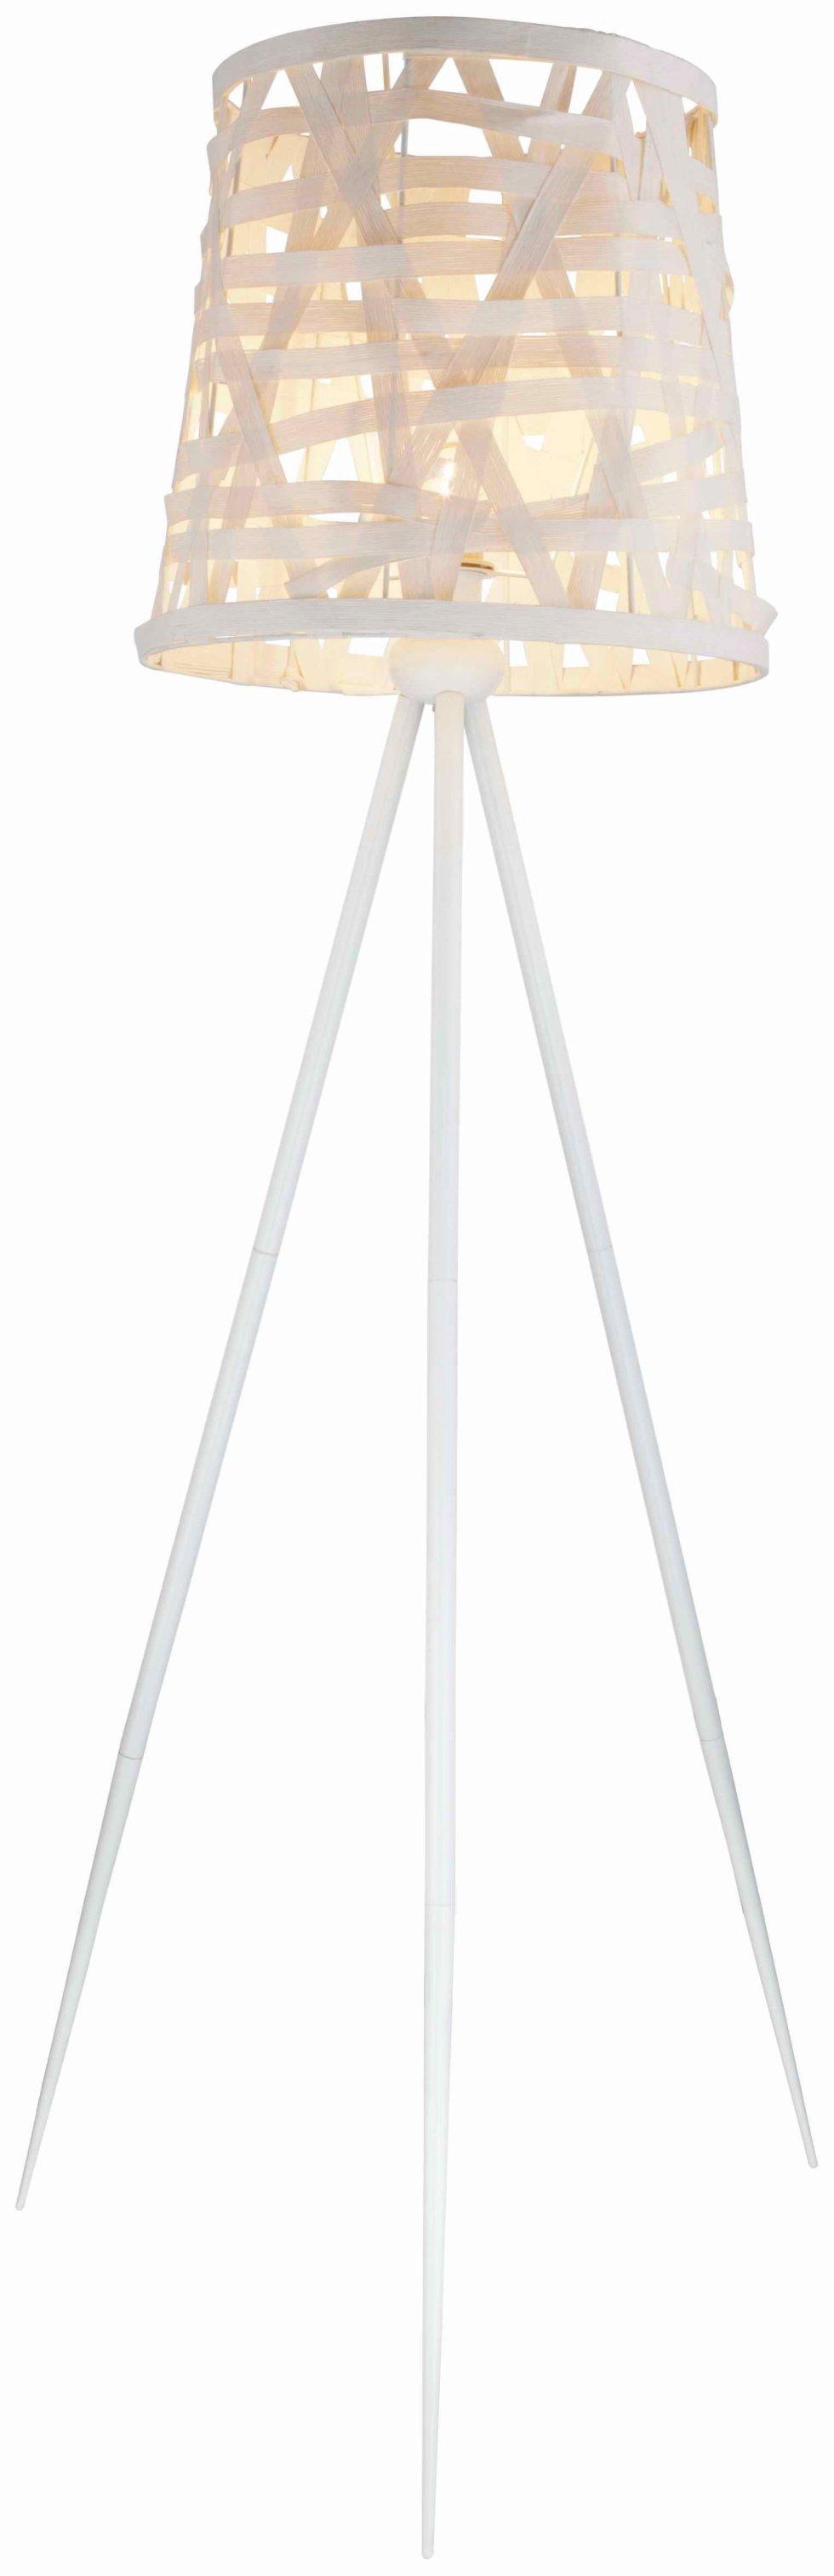 Торшер 15223S 1xE27х60 Вт 156 cм, цвет белый